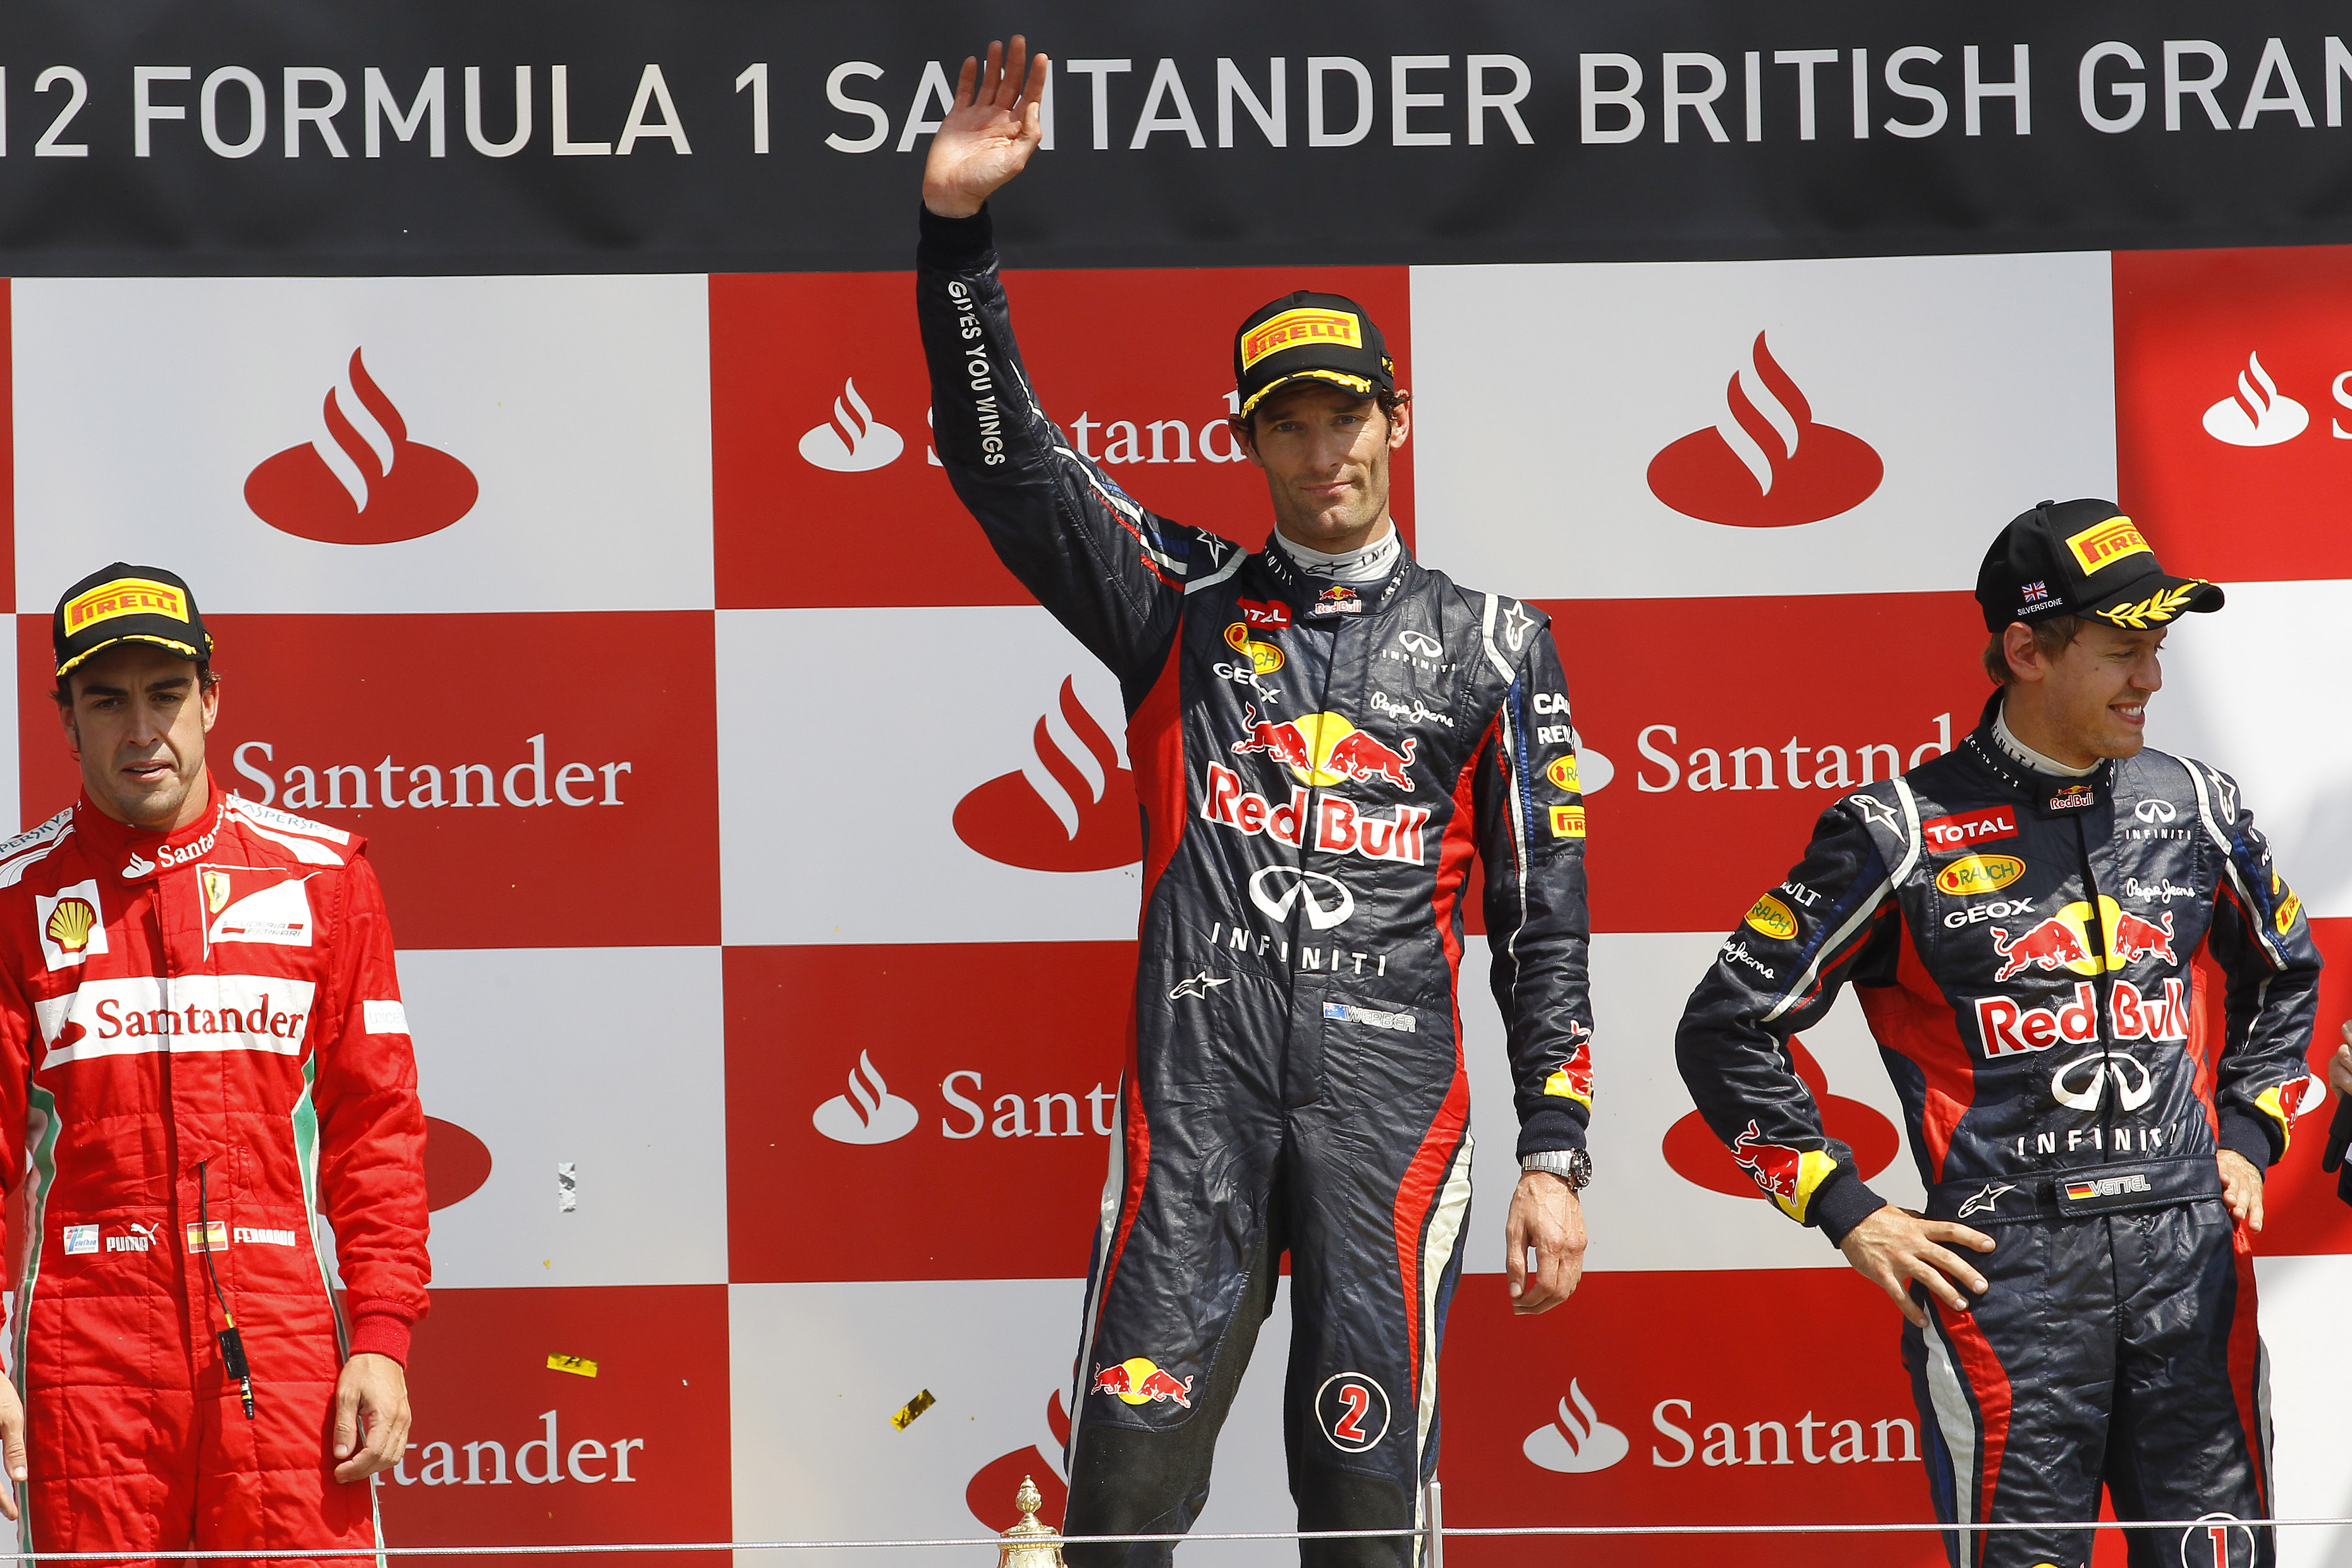 F1 2012 - Great Britain Grand Prix